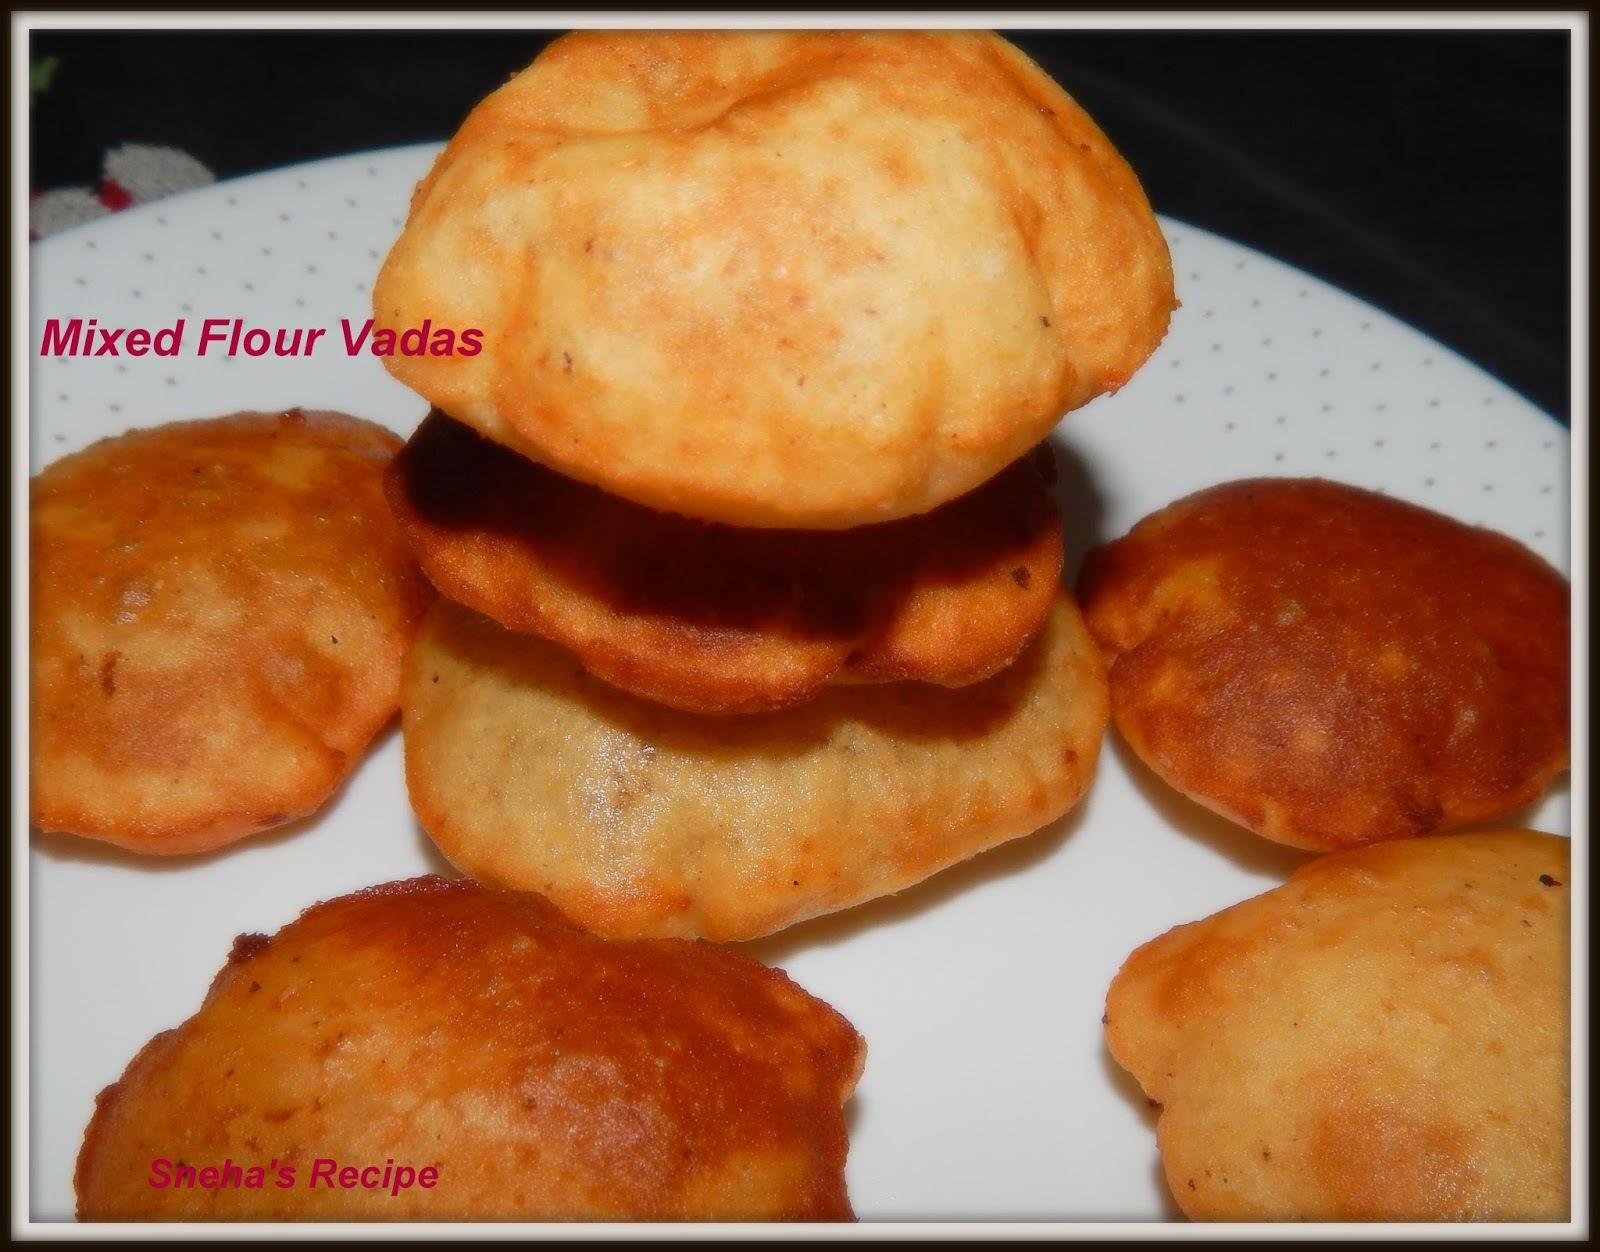 Malwani Vade  -  Maharashtrian  Mixed Flour Puris.